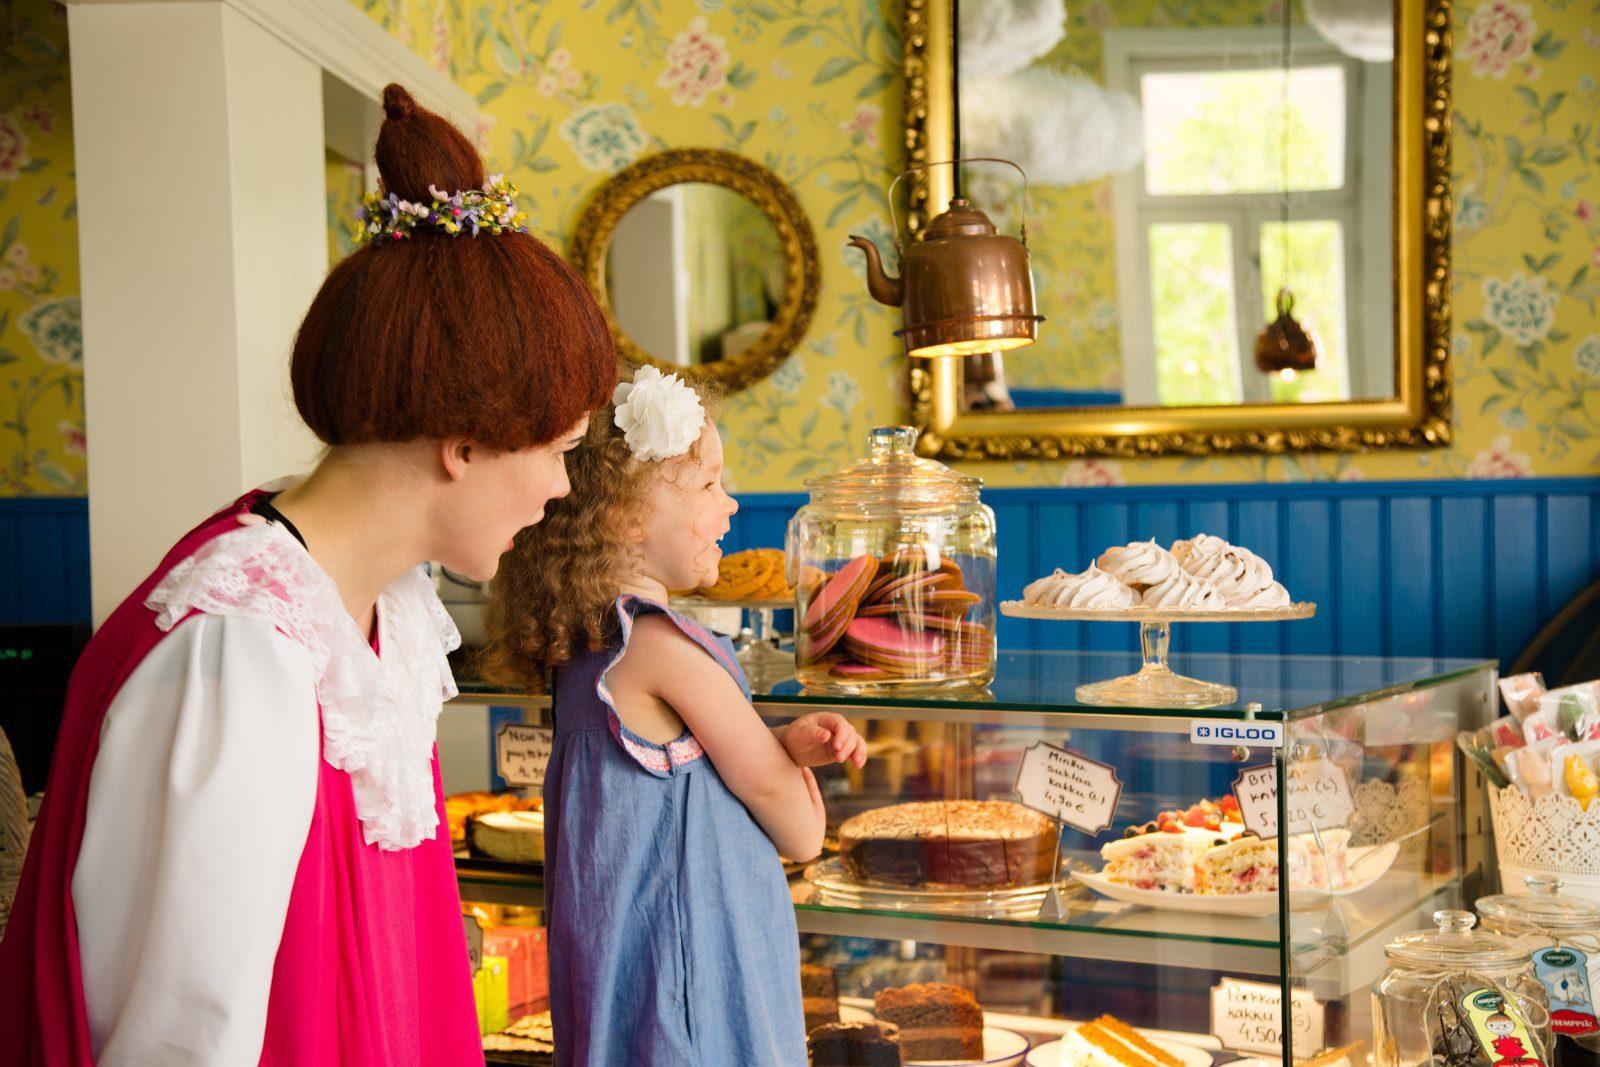 Mymmeli ja pieni tyttö katsovat vitriinin herkkuja kahvilassa, jossa on keltaiset seinät.